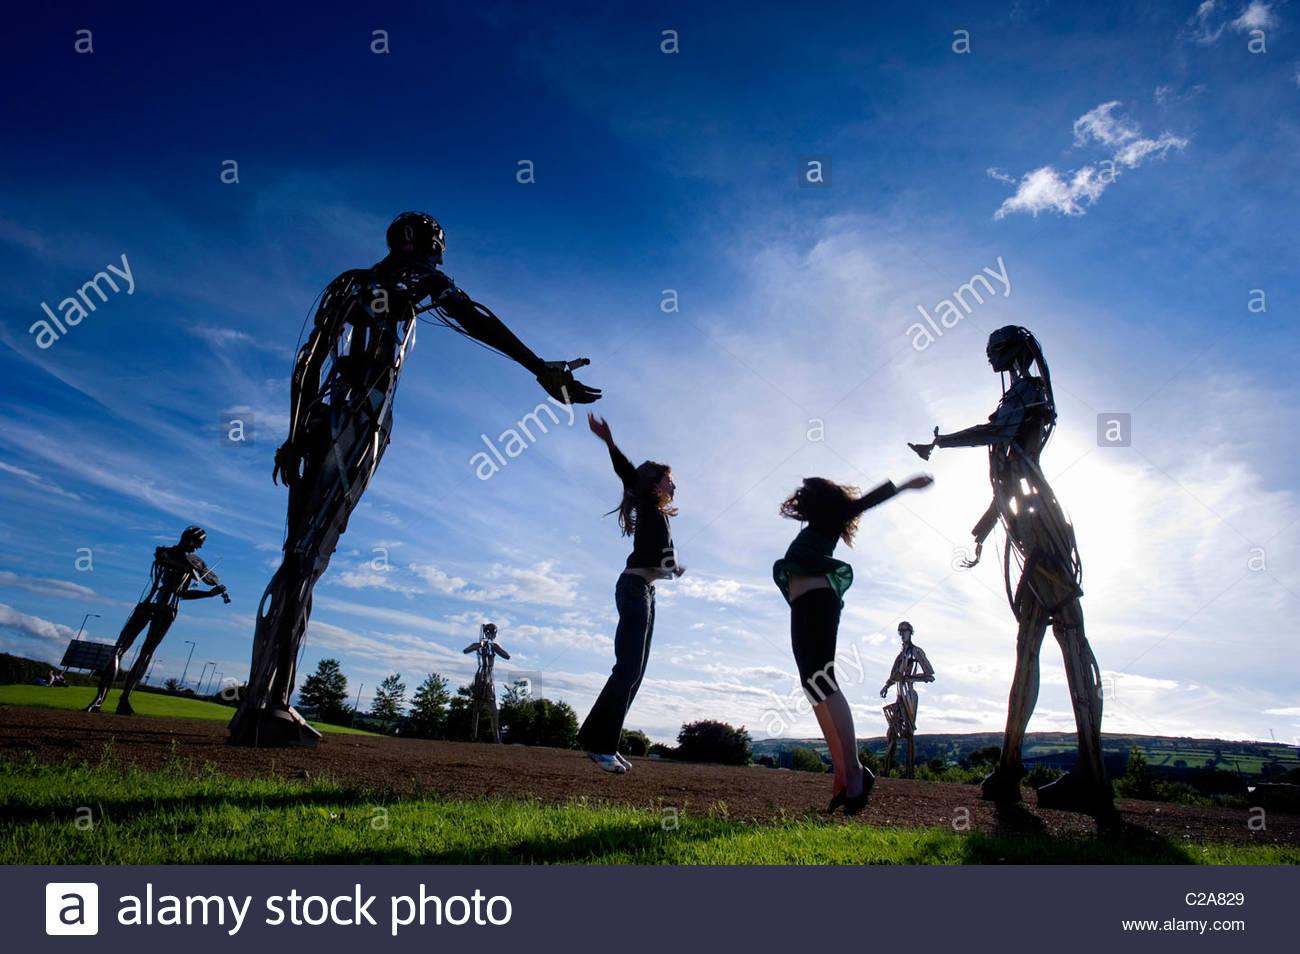 Crianças brincando em uma escultura de arte pública em Strabane, Ulster. Imagens de Stock